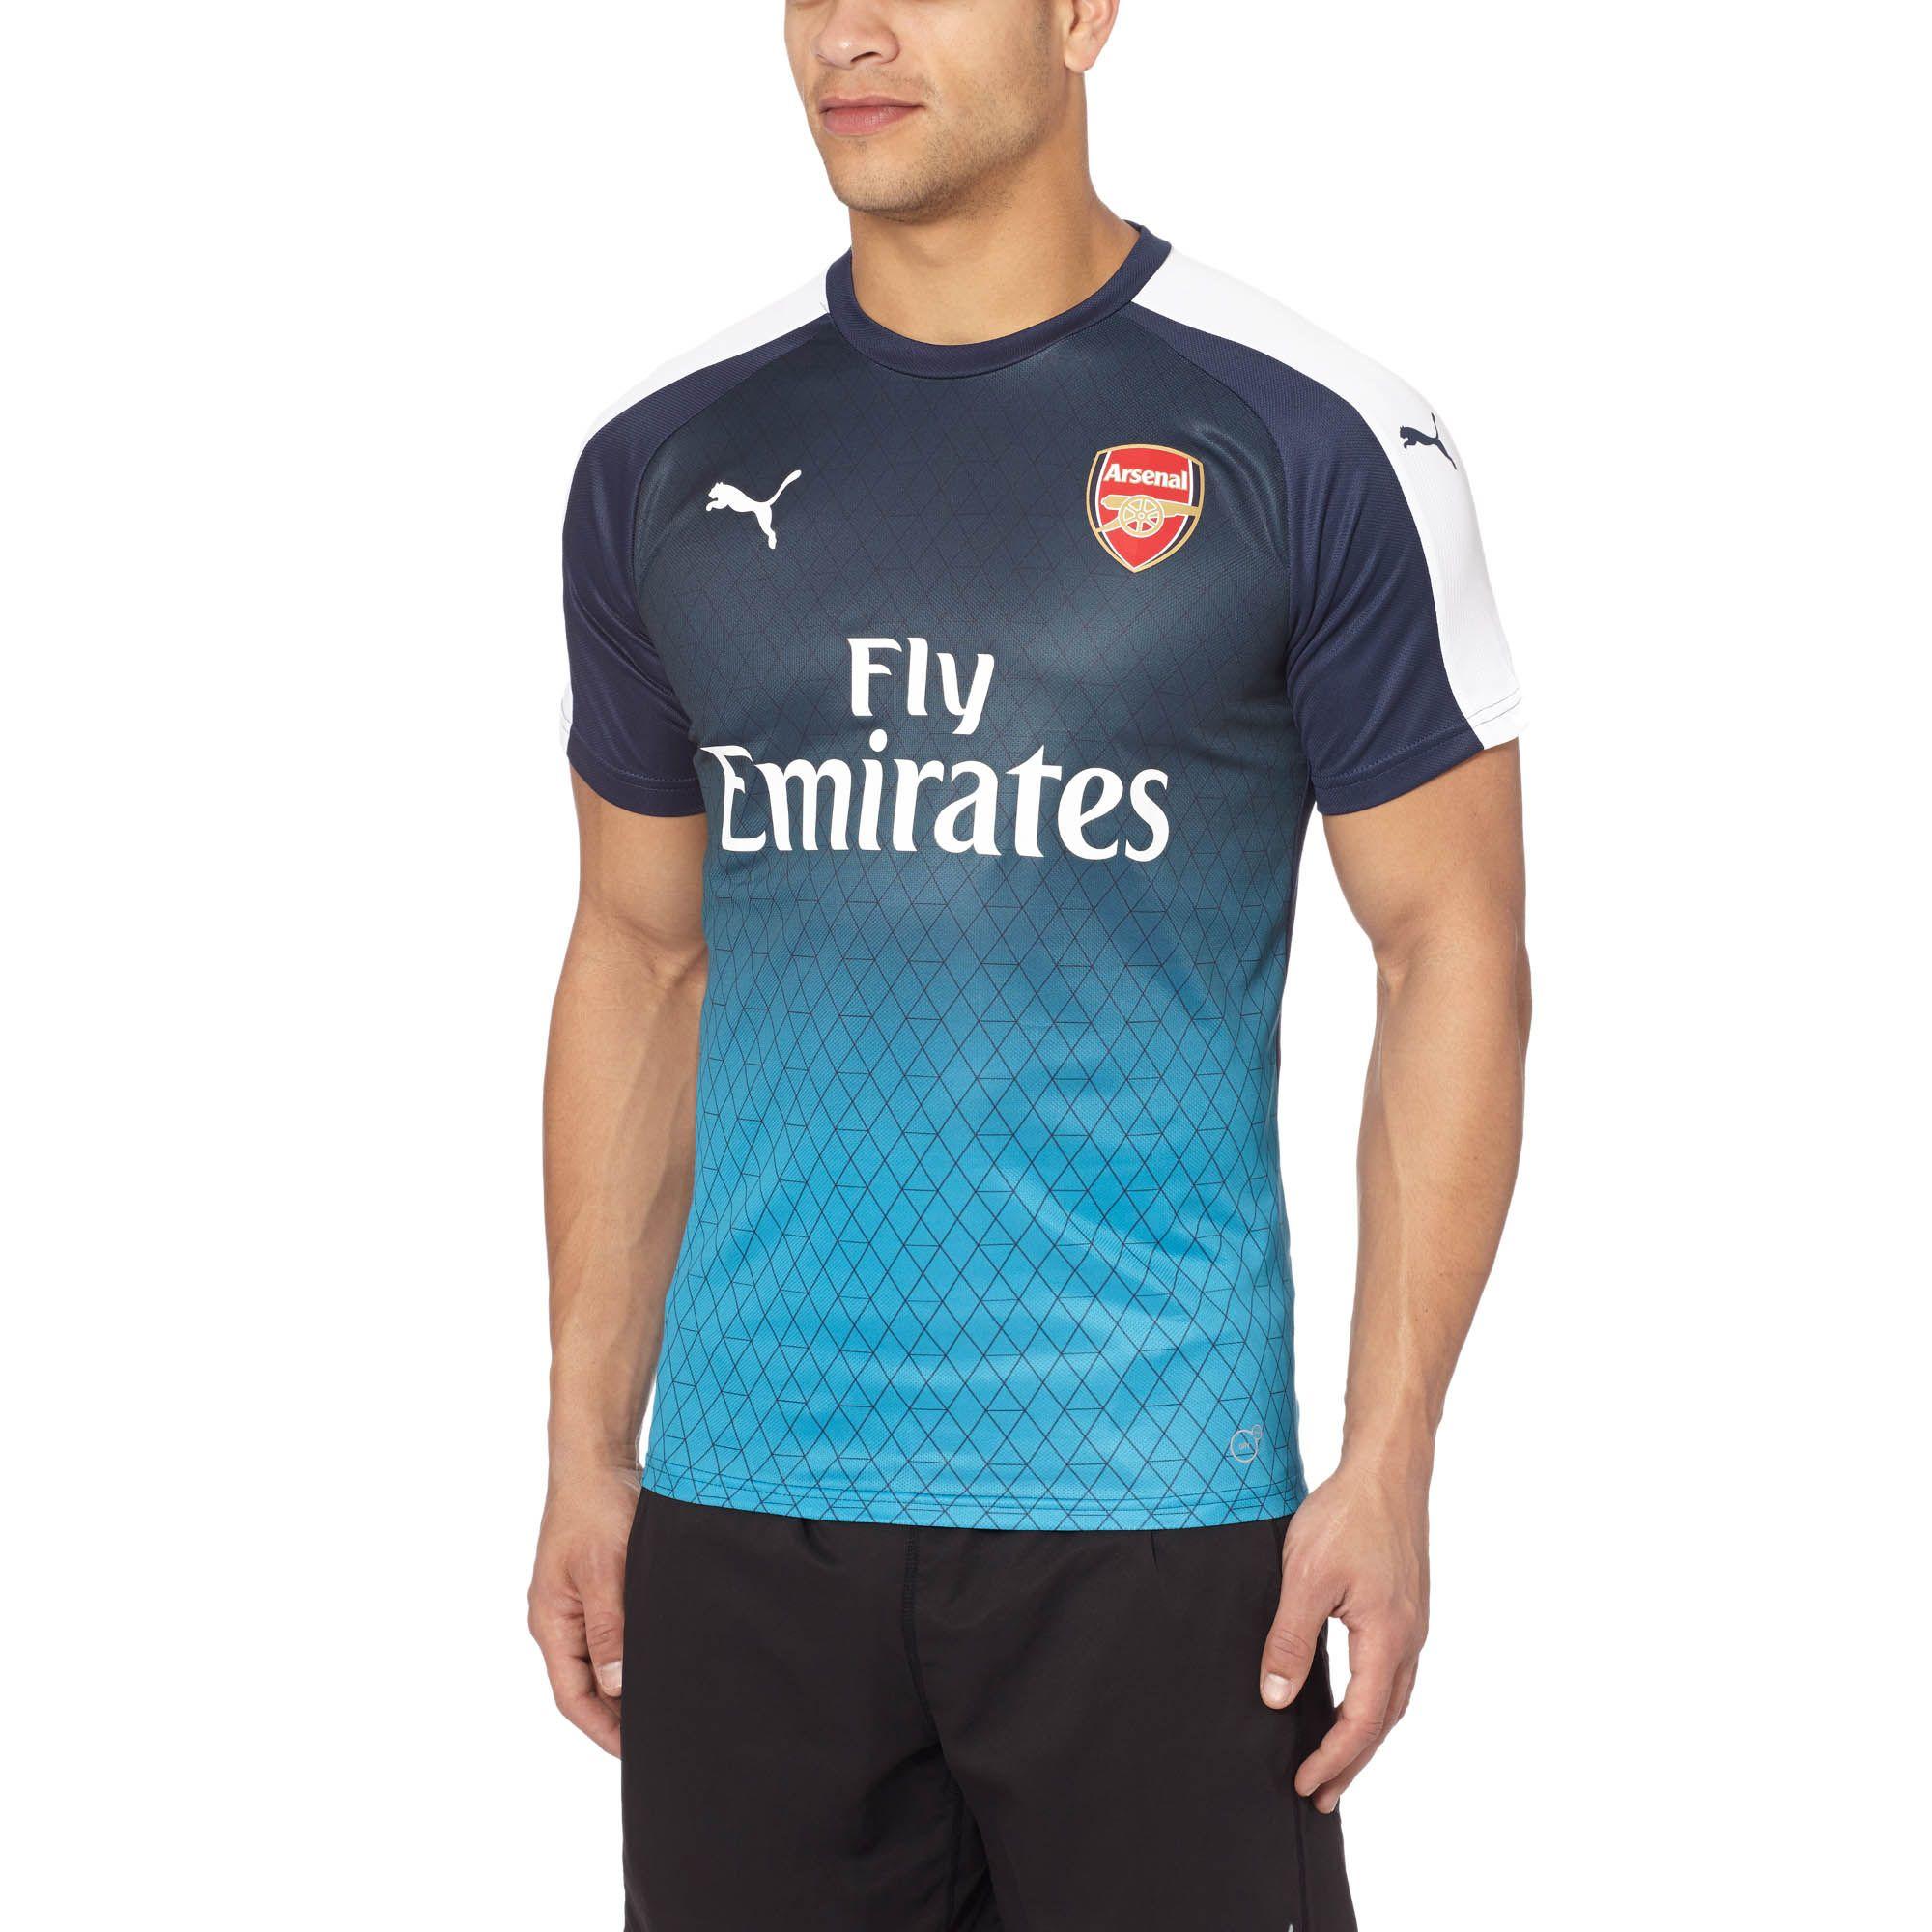 0cae136ddd41a PUMA Arsenal Stadium T-shirt in Blue for Men - Lyst